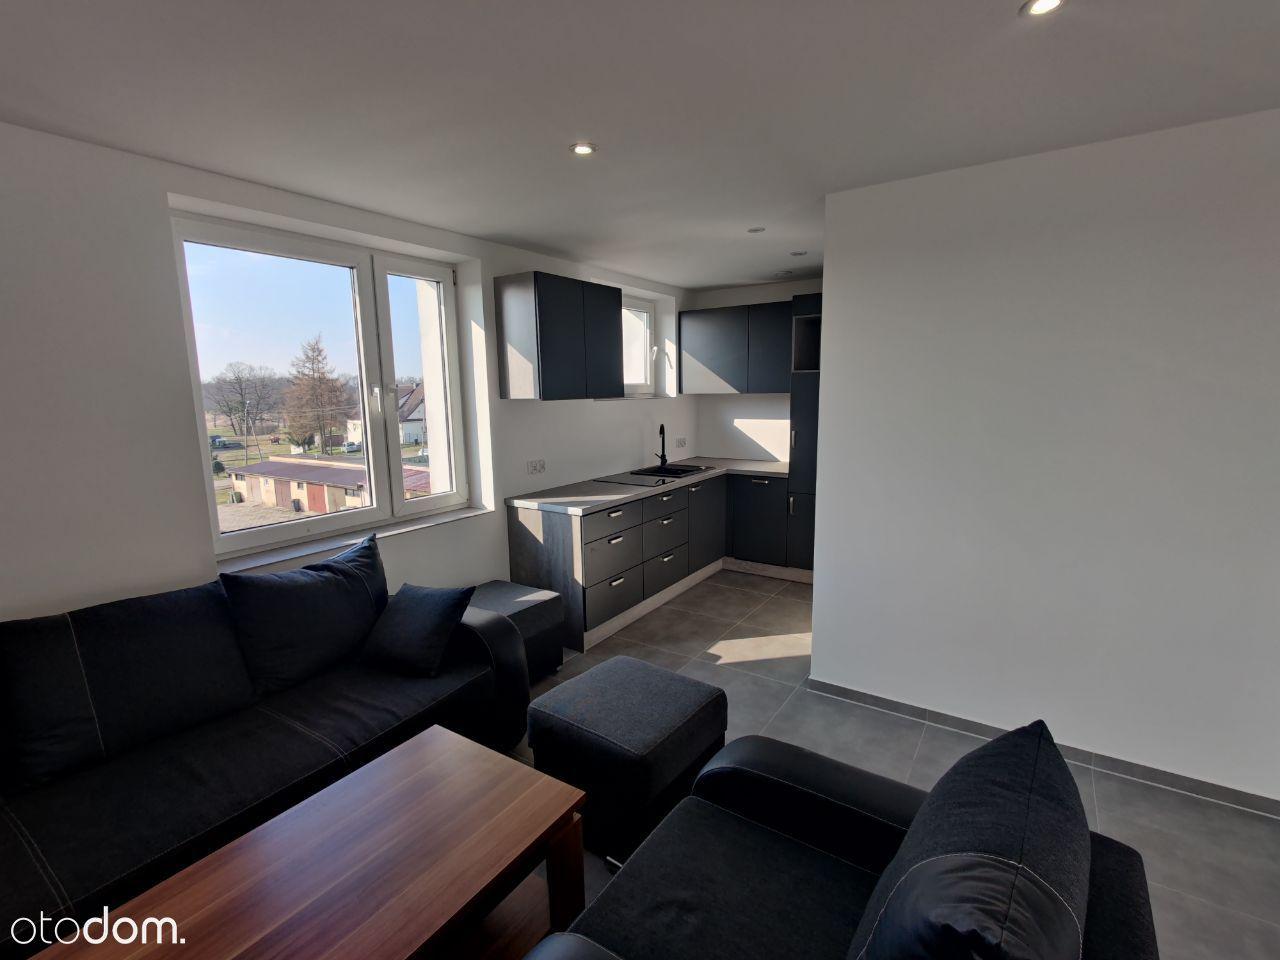 Mieszkanie 30m2 Mizerów Wysoki standard